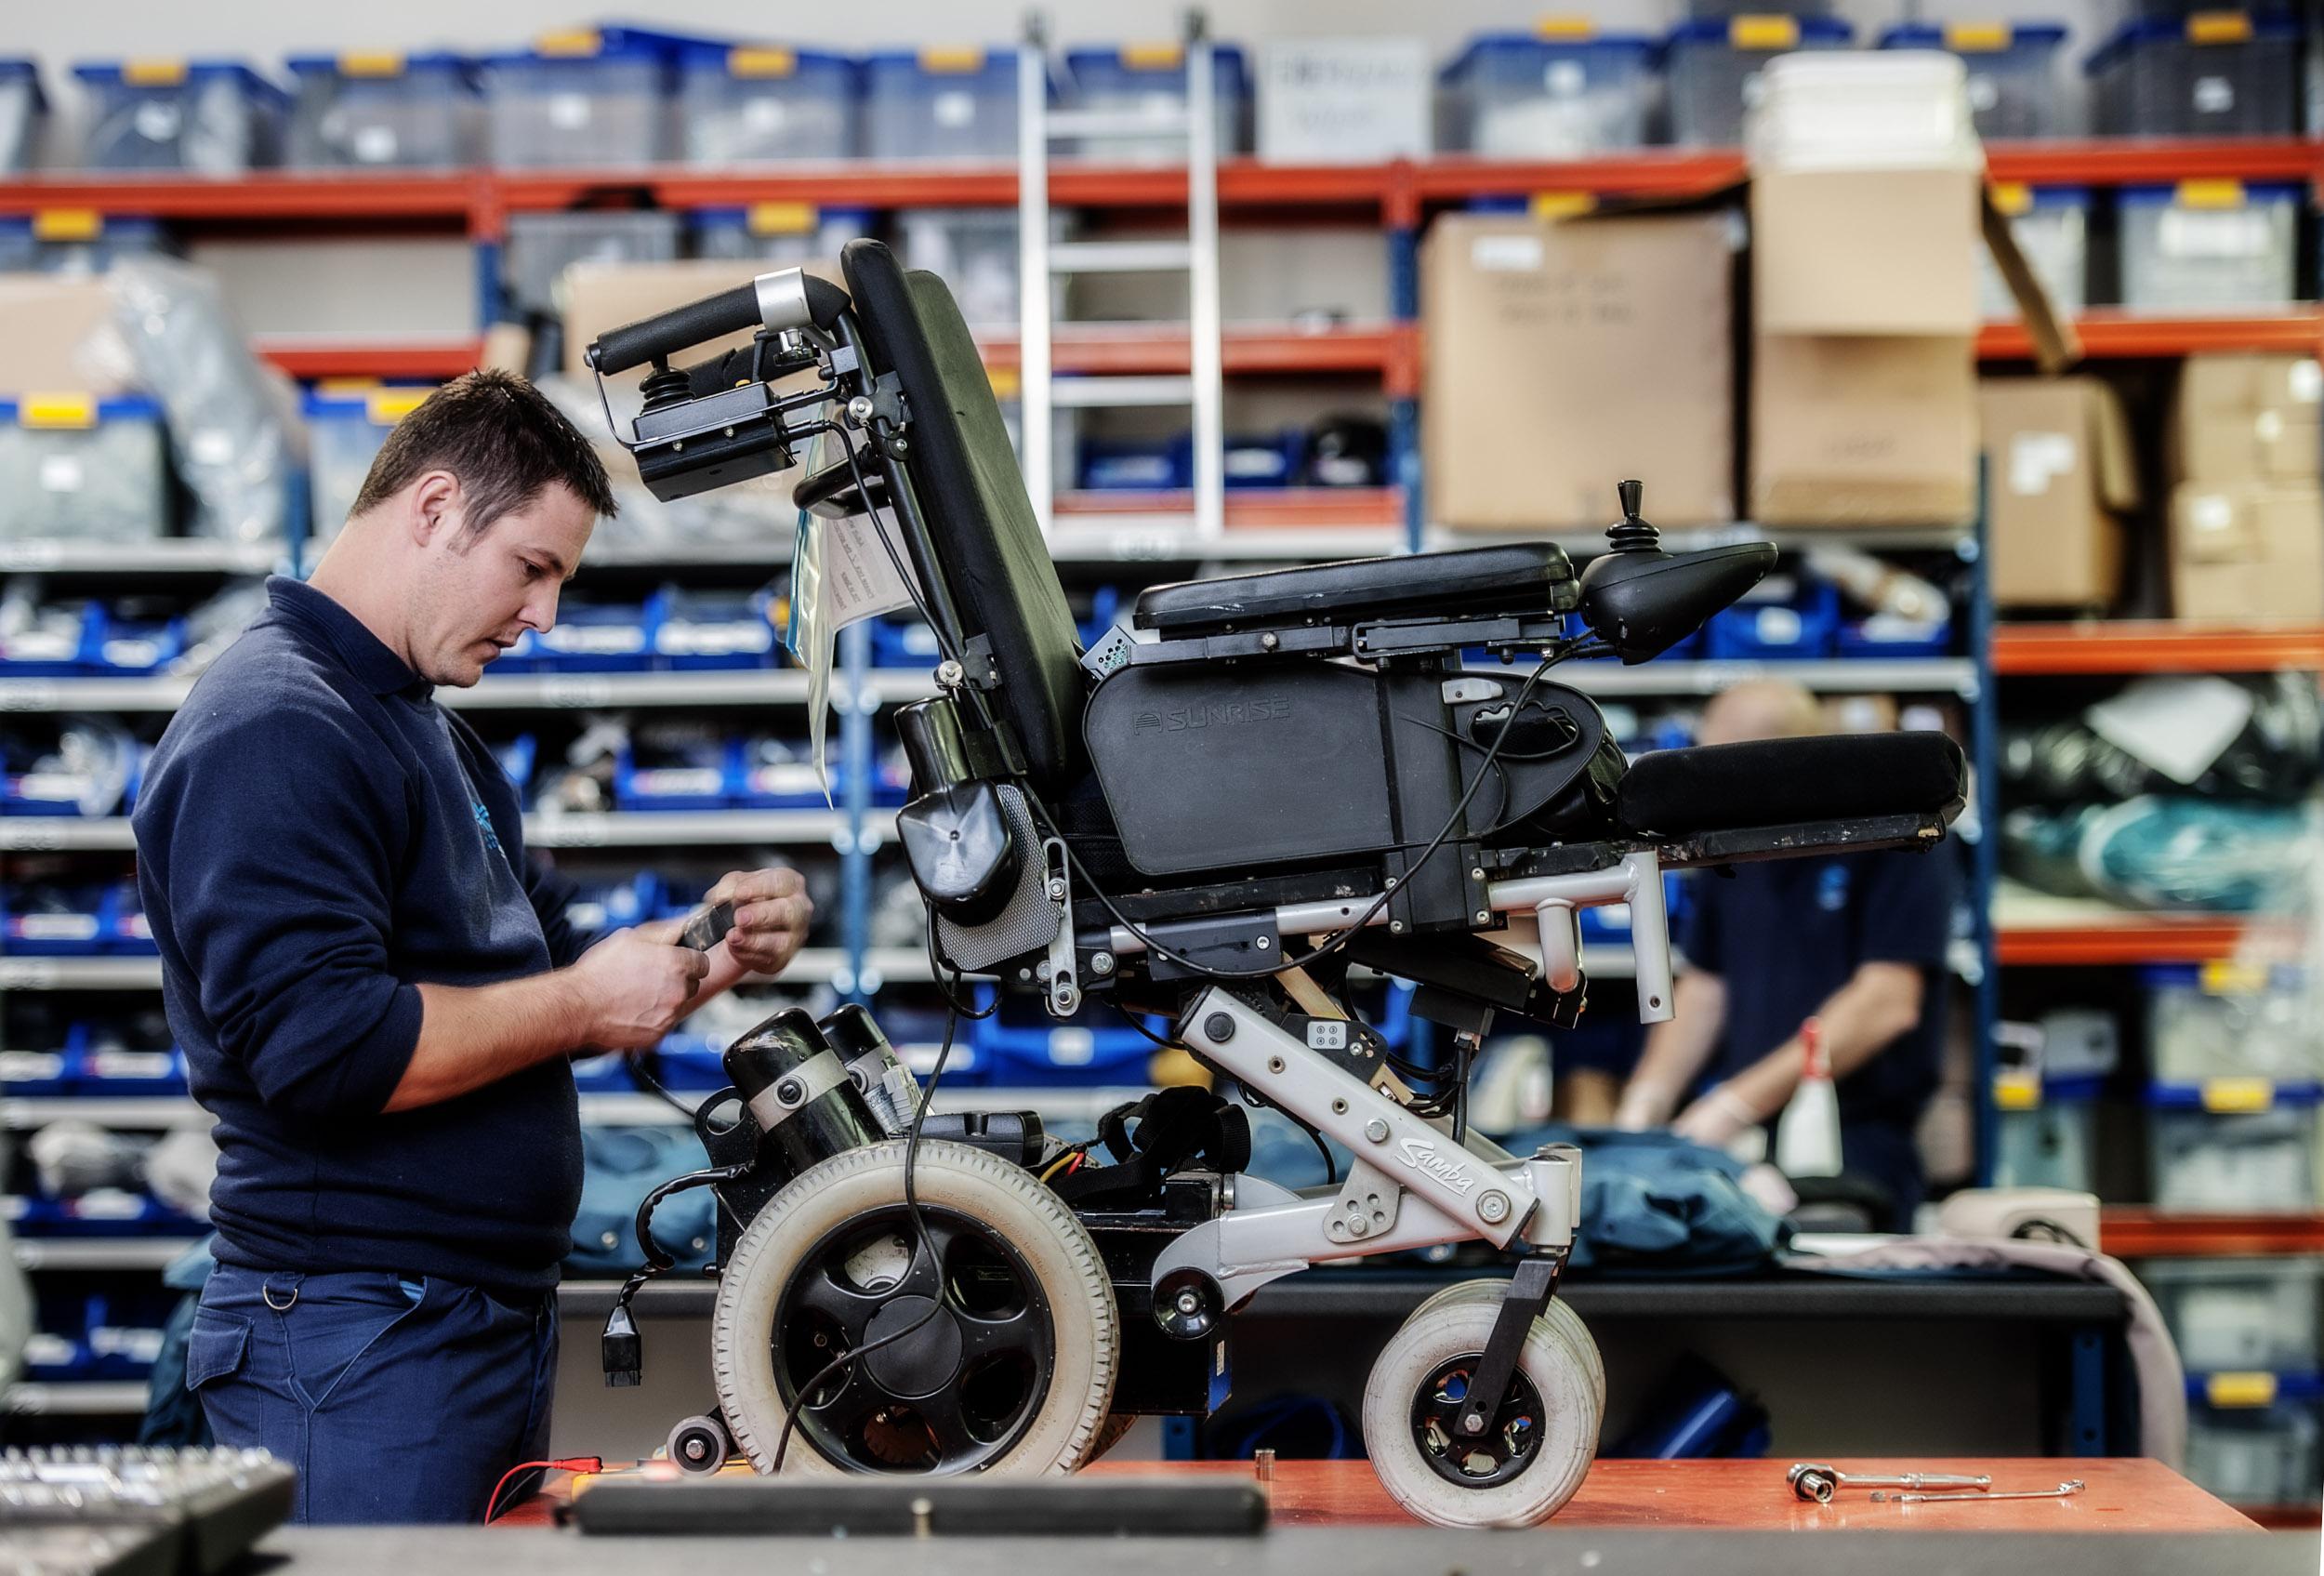 mayo-ireland-photographer-corporate-20101026-_KHB4184-2.jpg